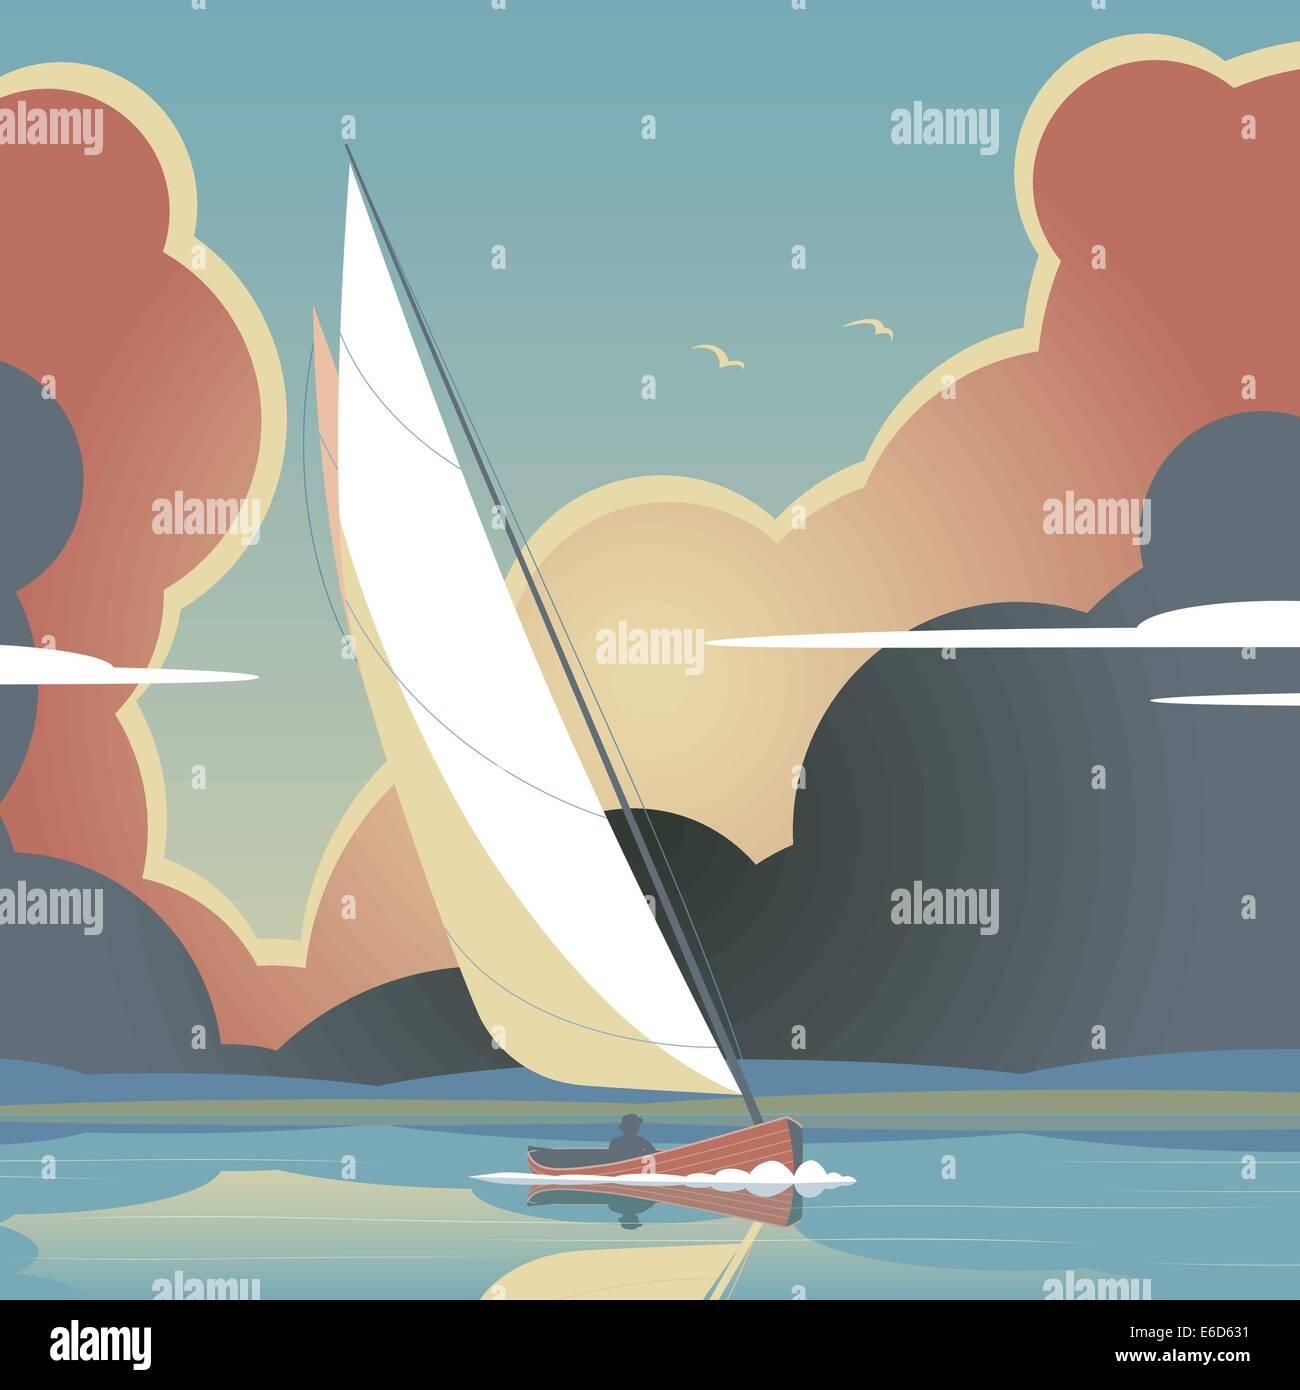 Modificabile illustrazione vettoriale di un uomo sailing yacht in acqua calma Immagini Stock